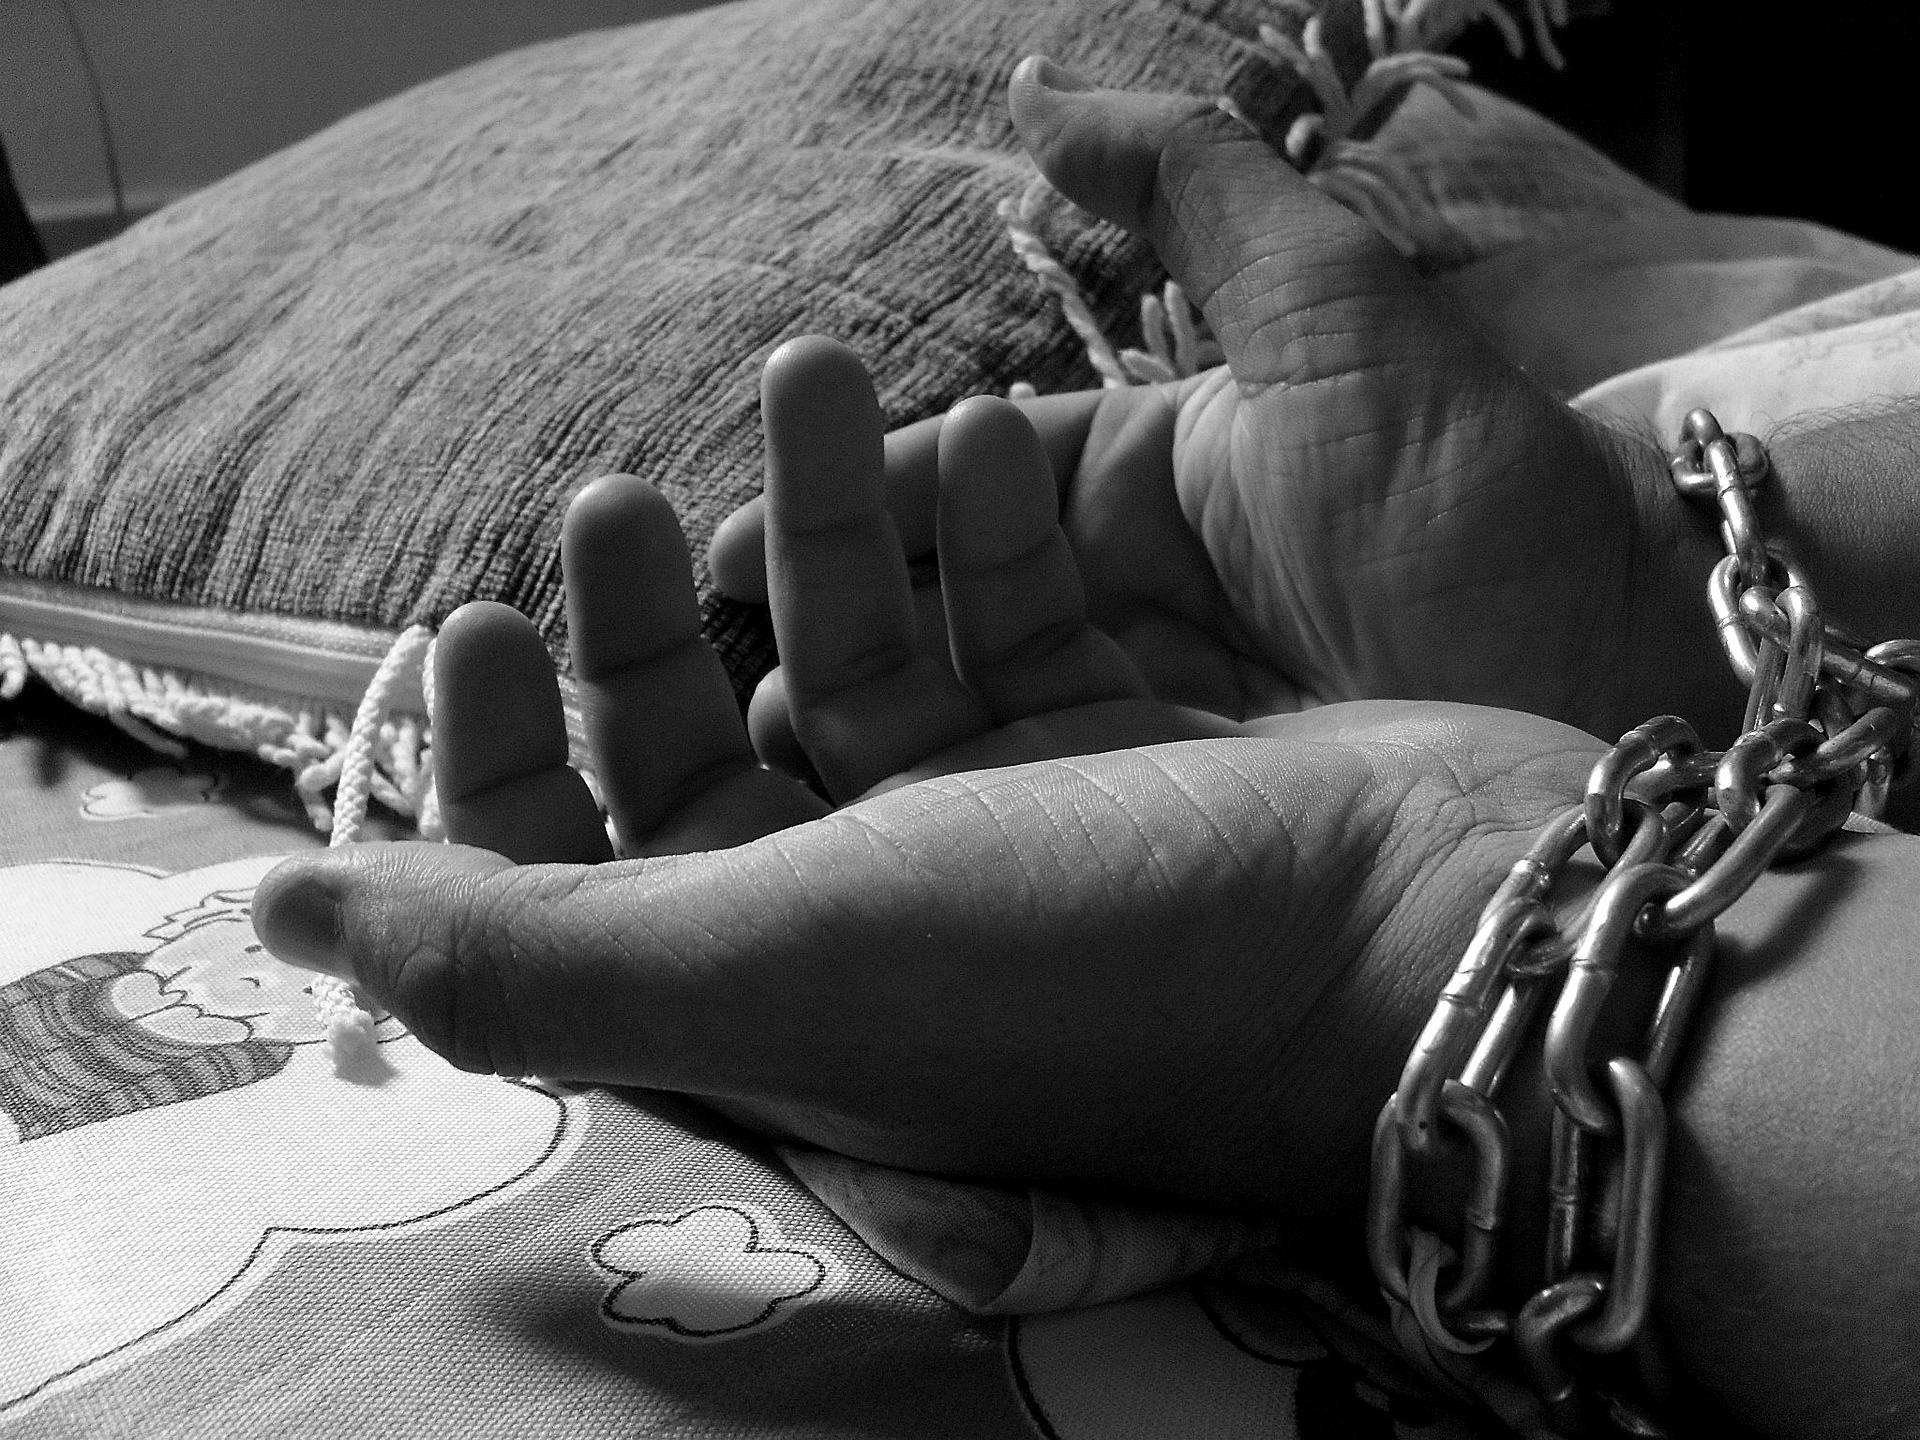 Tolerant: Unterstützung von Opfern des Menschenhandels